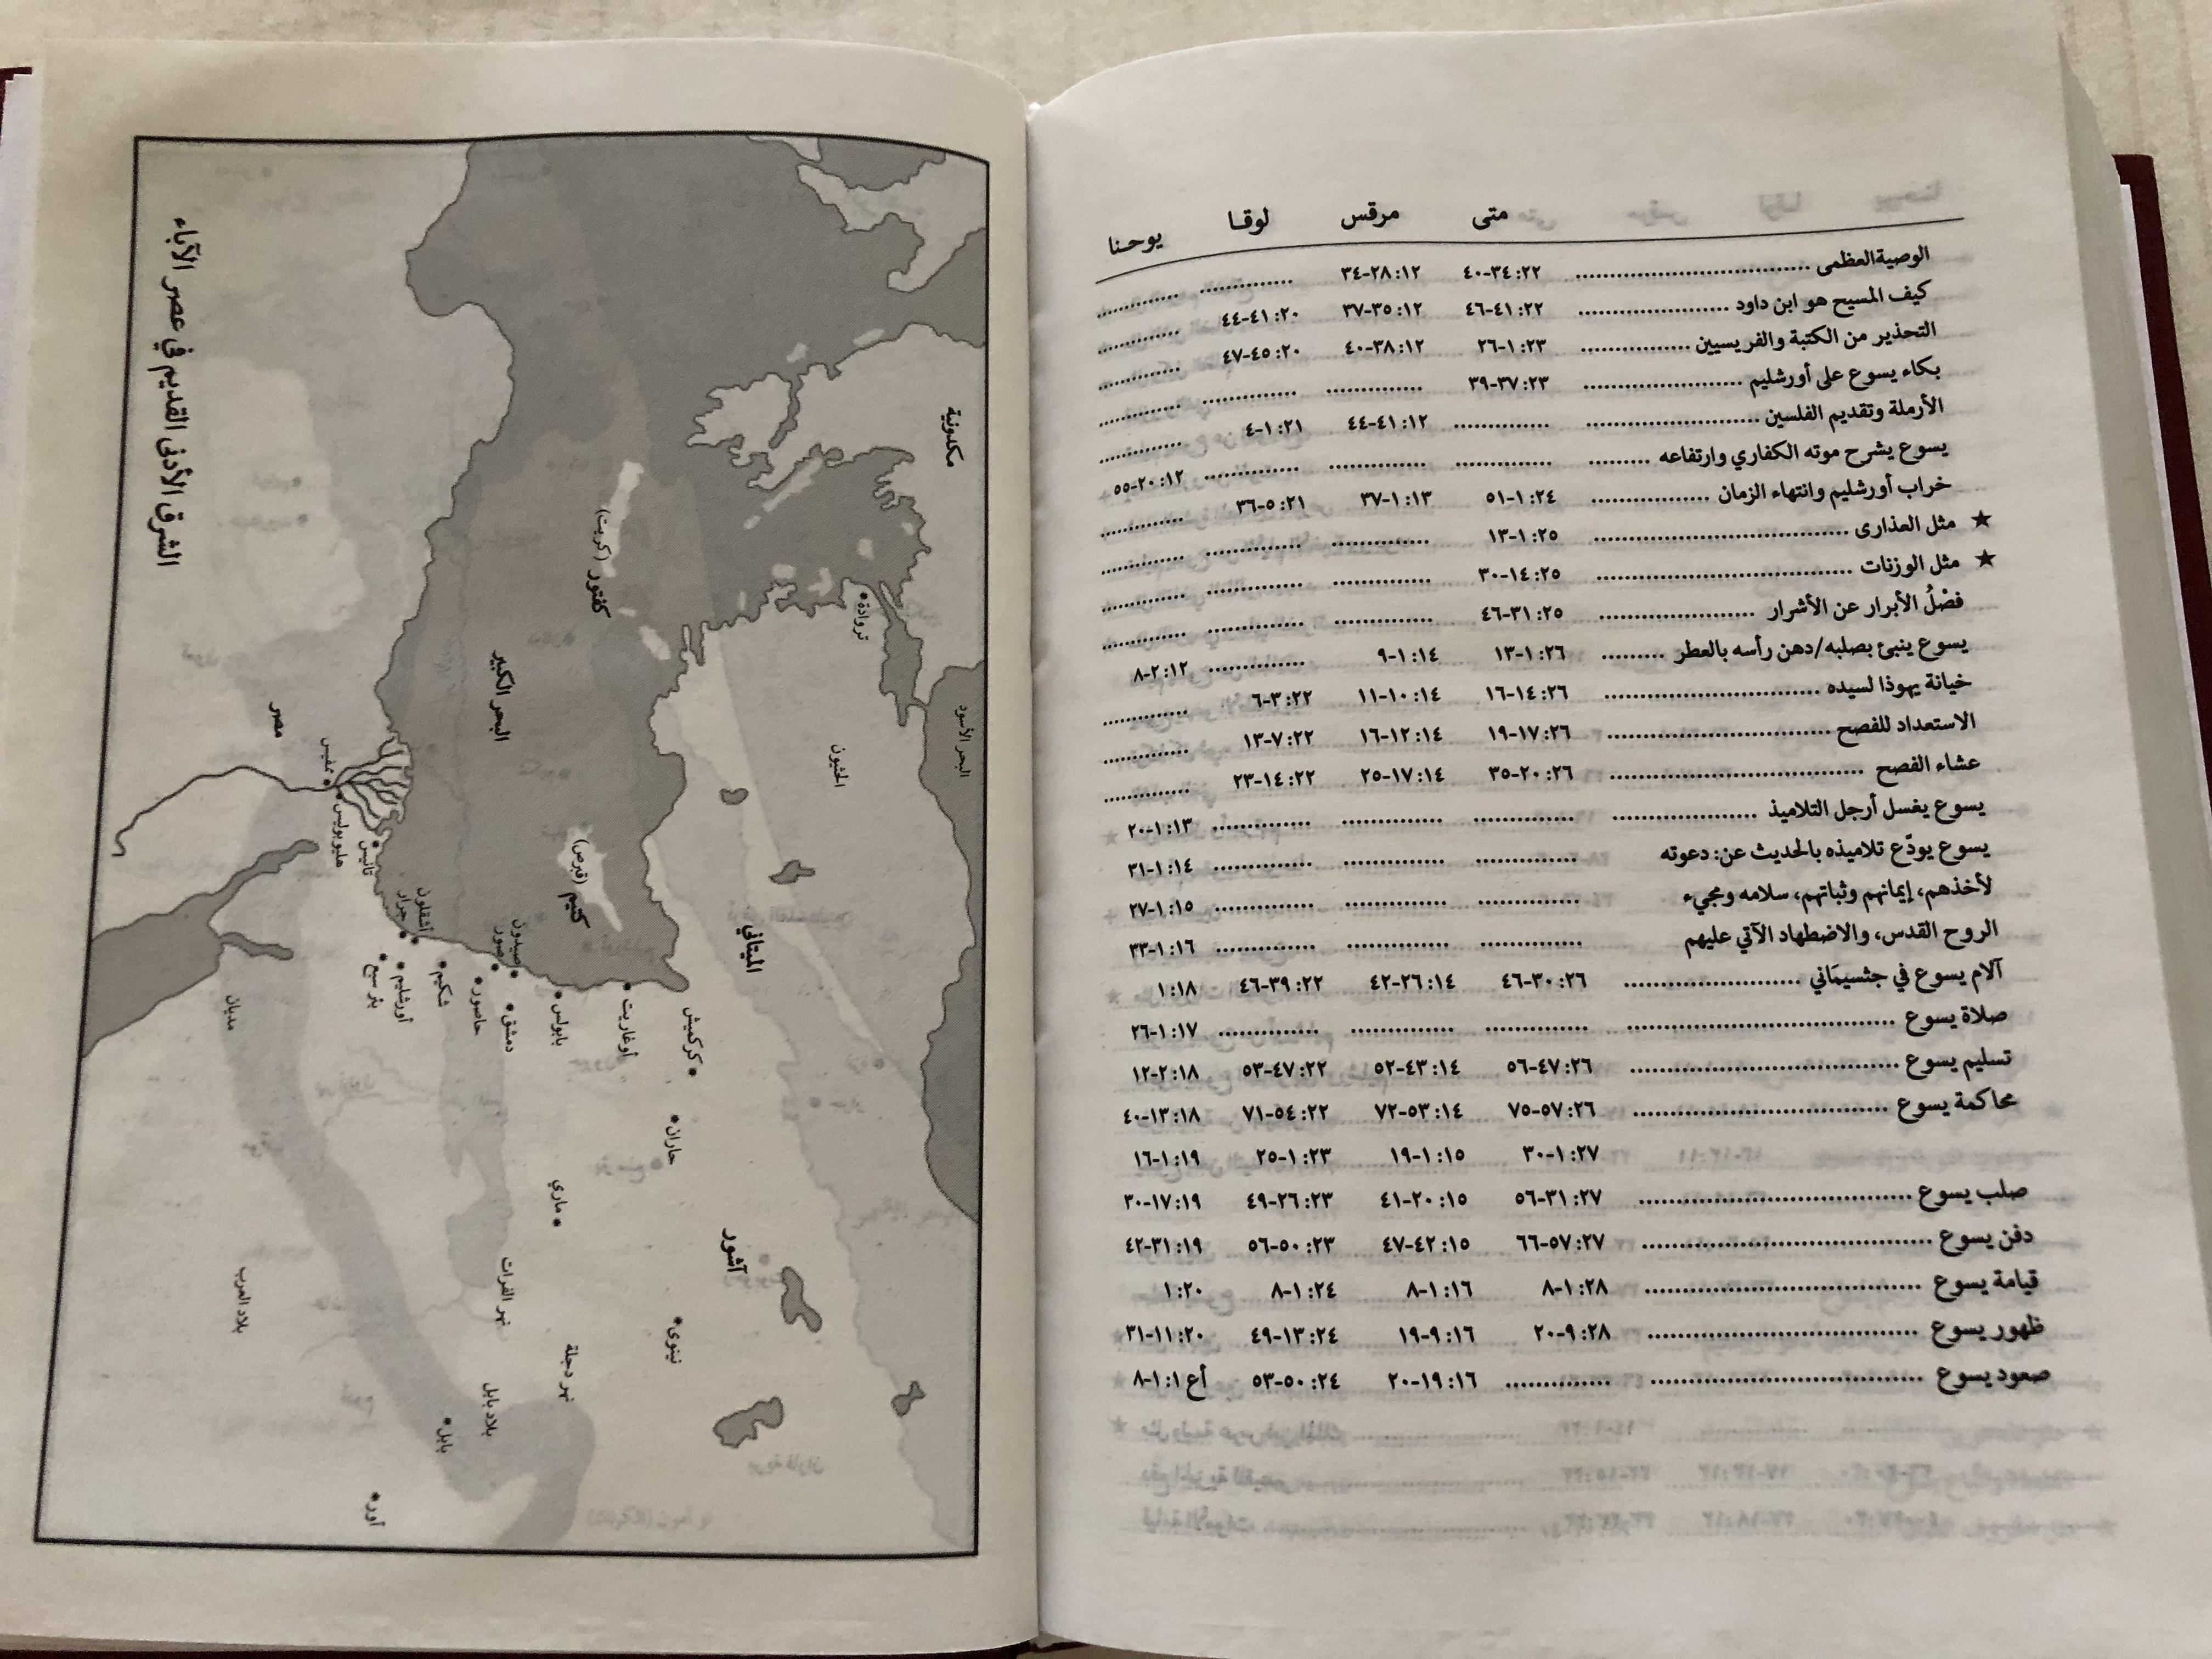 arabic-nav-1988-13-.jpg